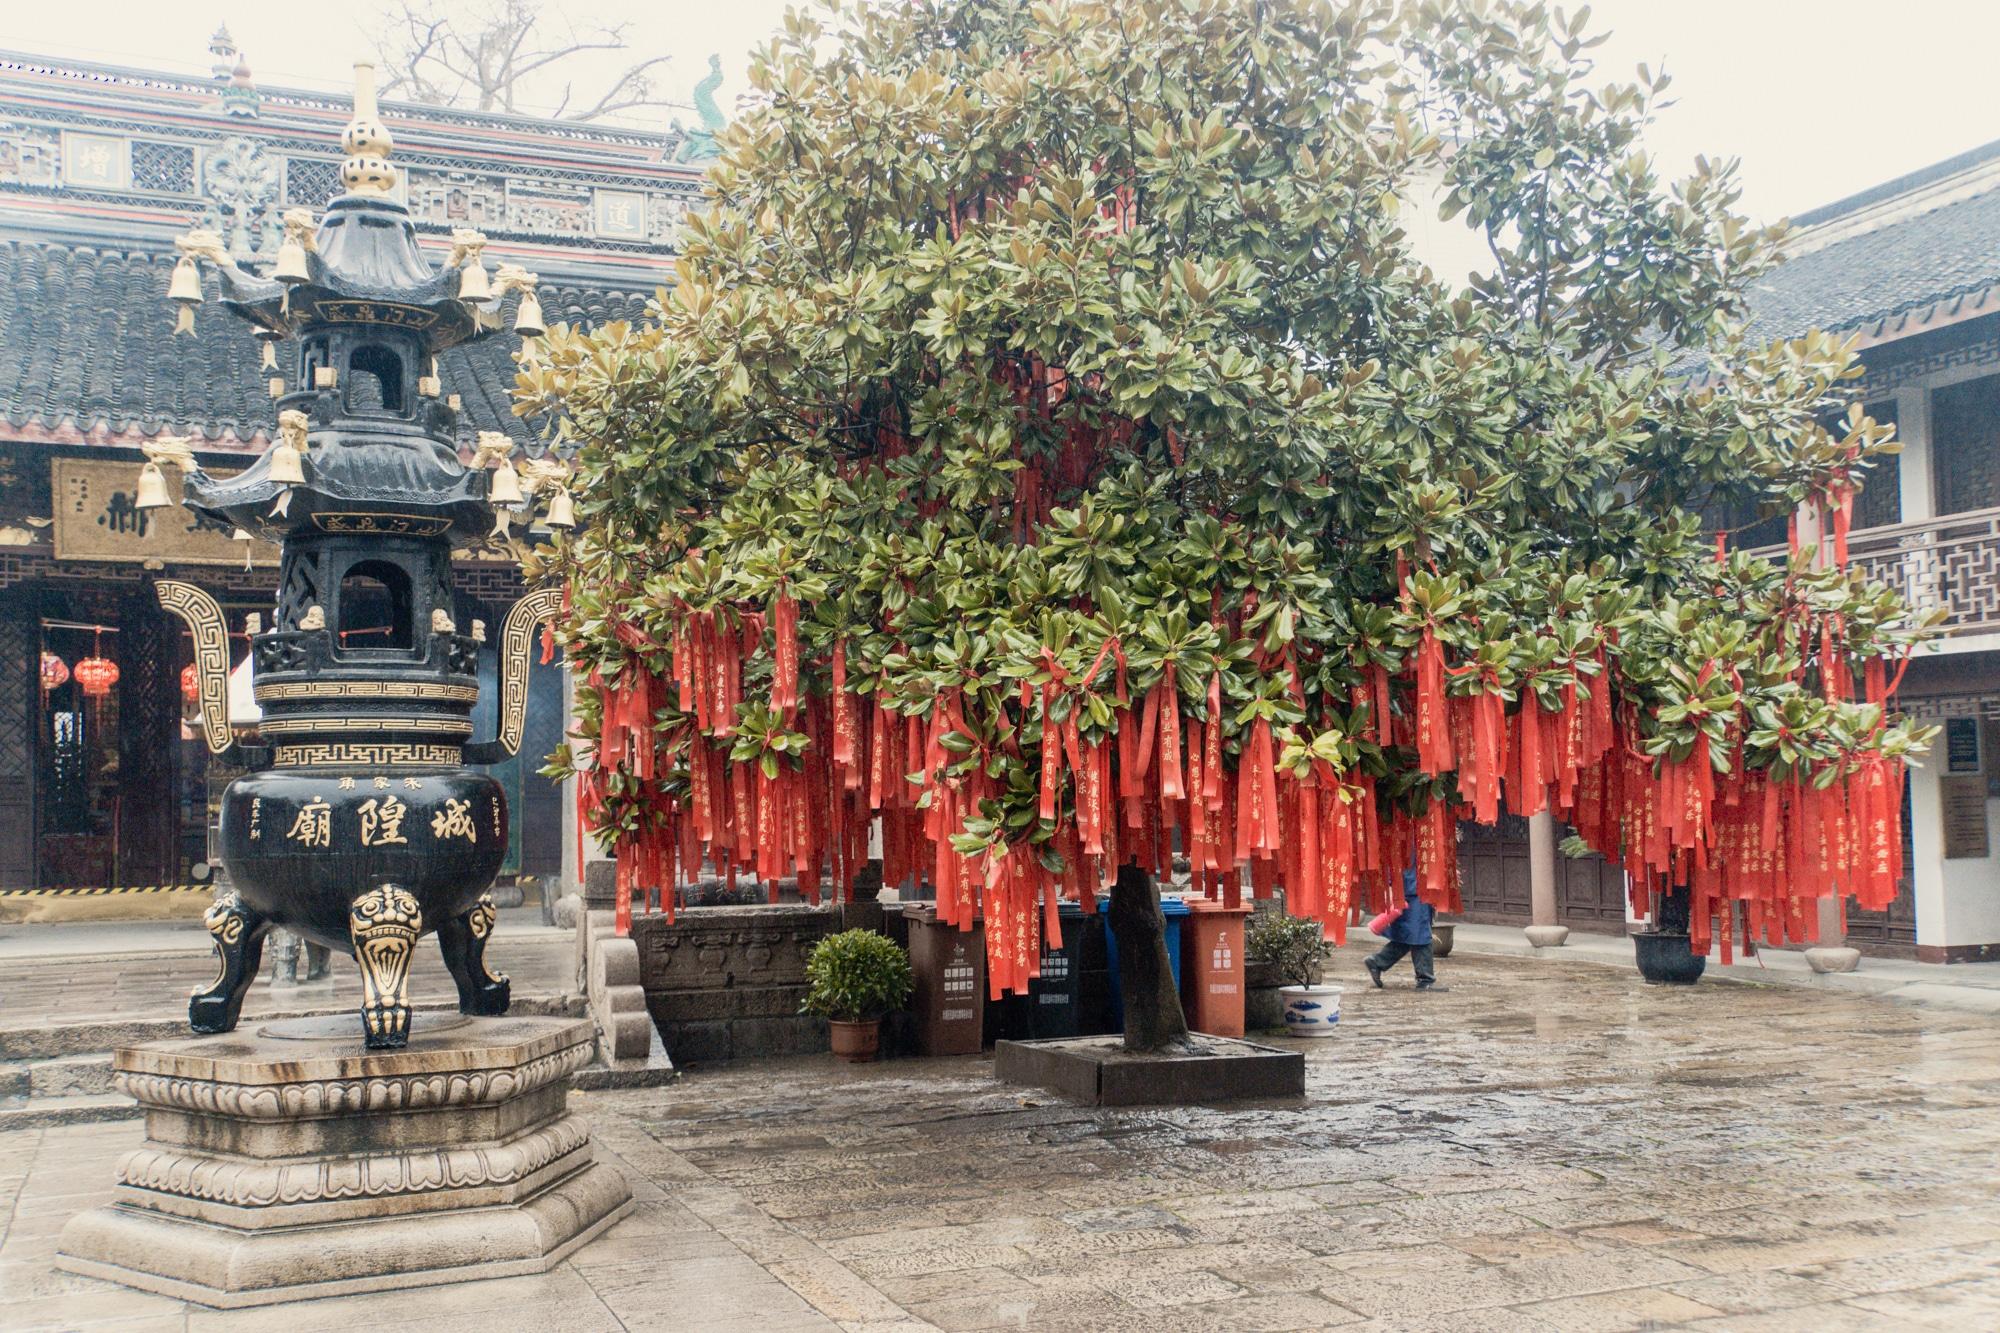 Zhujiajiao Tagesausflug: Tipps für die Wasserstadt bei Shanghai - City God Tempel